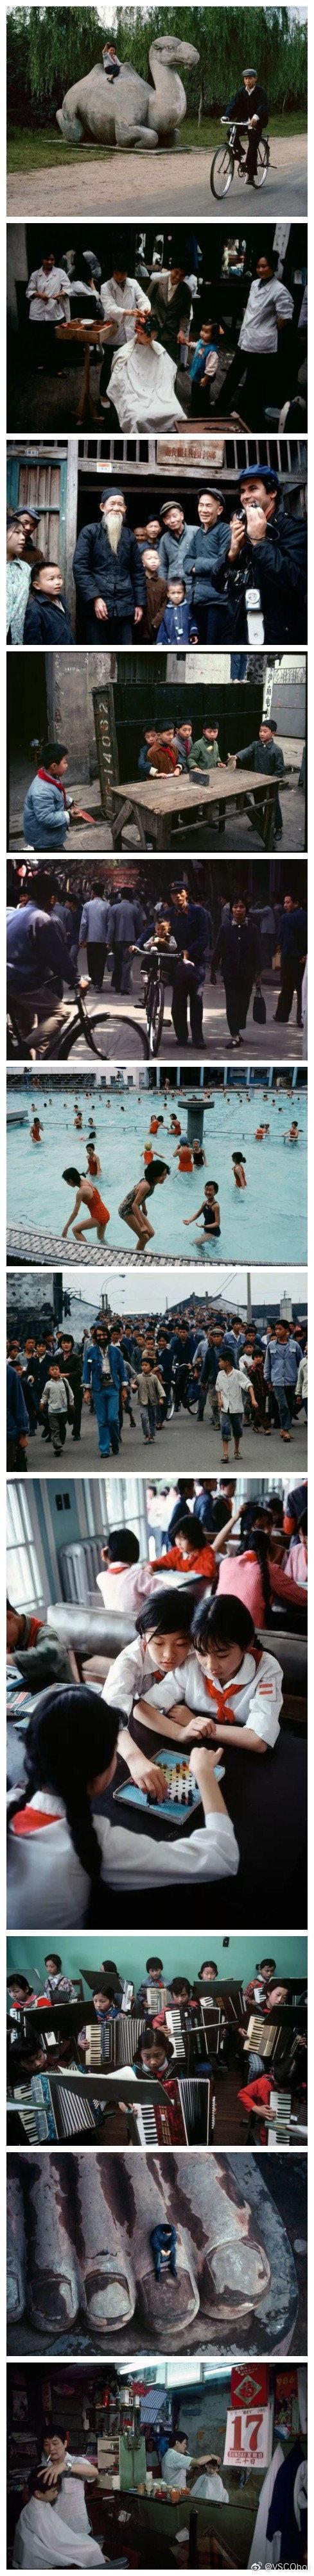 马格南摄影师布鲁诺·巴贝镜头下的中国